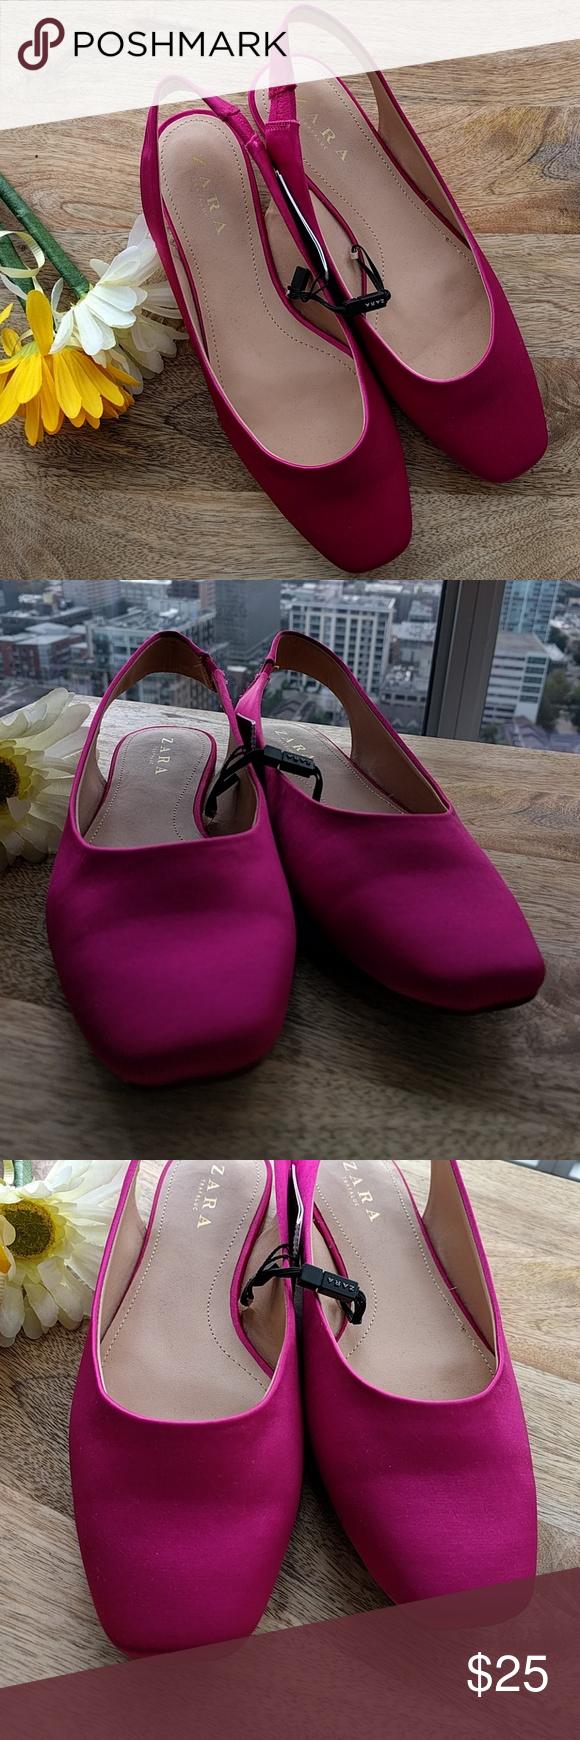 e41ee2d17e Zara pink/fuschia slingback flats size 38 NWT pink/fuschia slingback flats  size 38 EUR. 7.5 US Zara Shoes Flats & Loafers